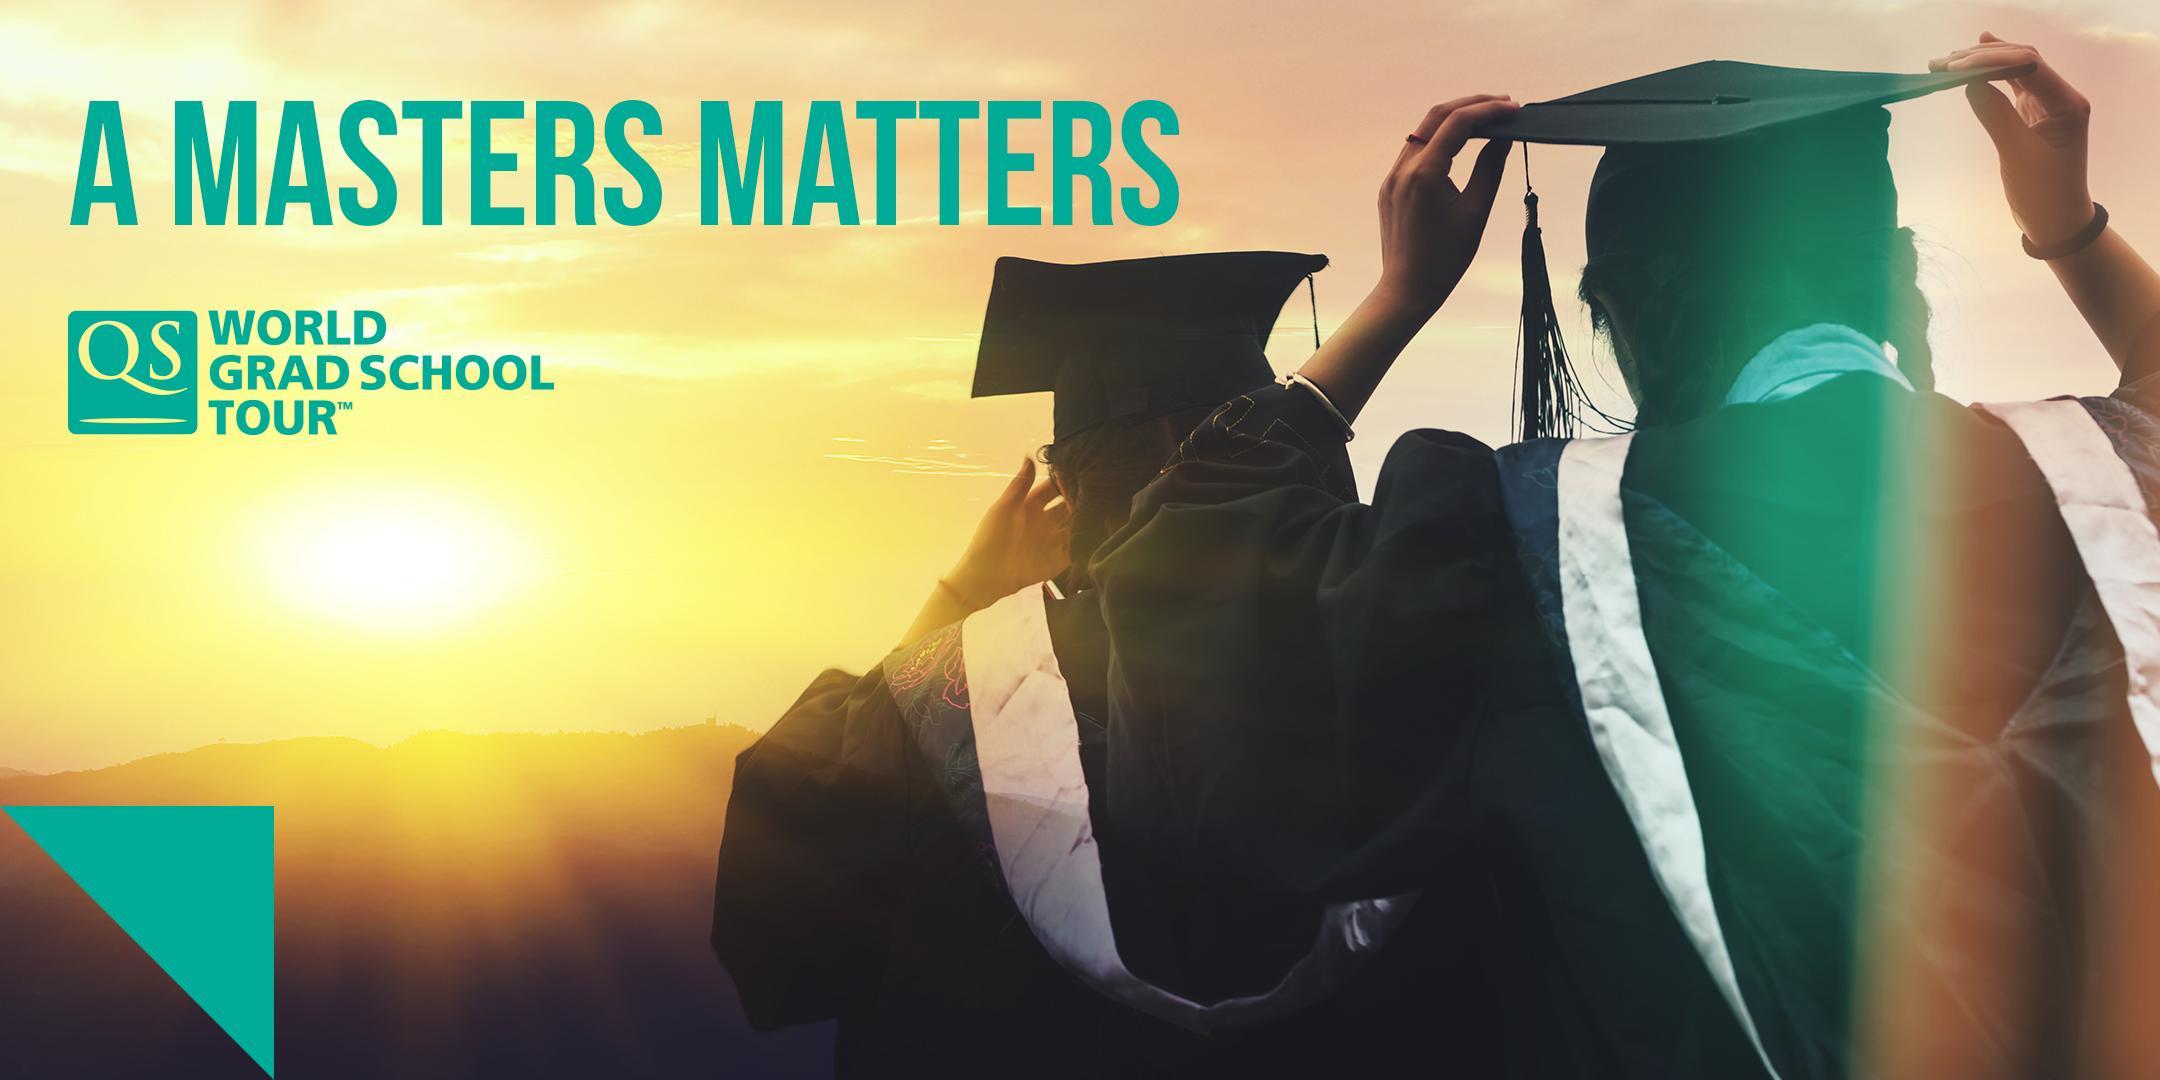 Διεθνής έκθεση πανεπιστημίων για μεταπτυχιακά